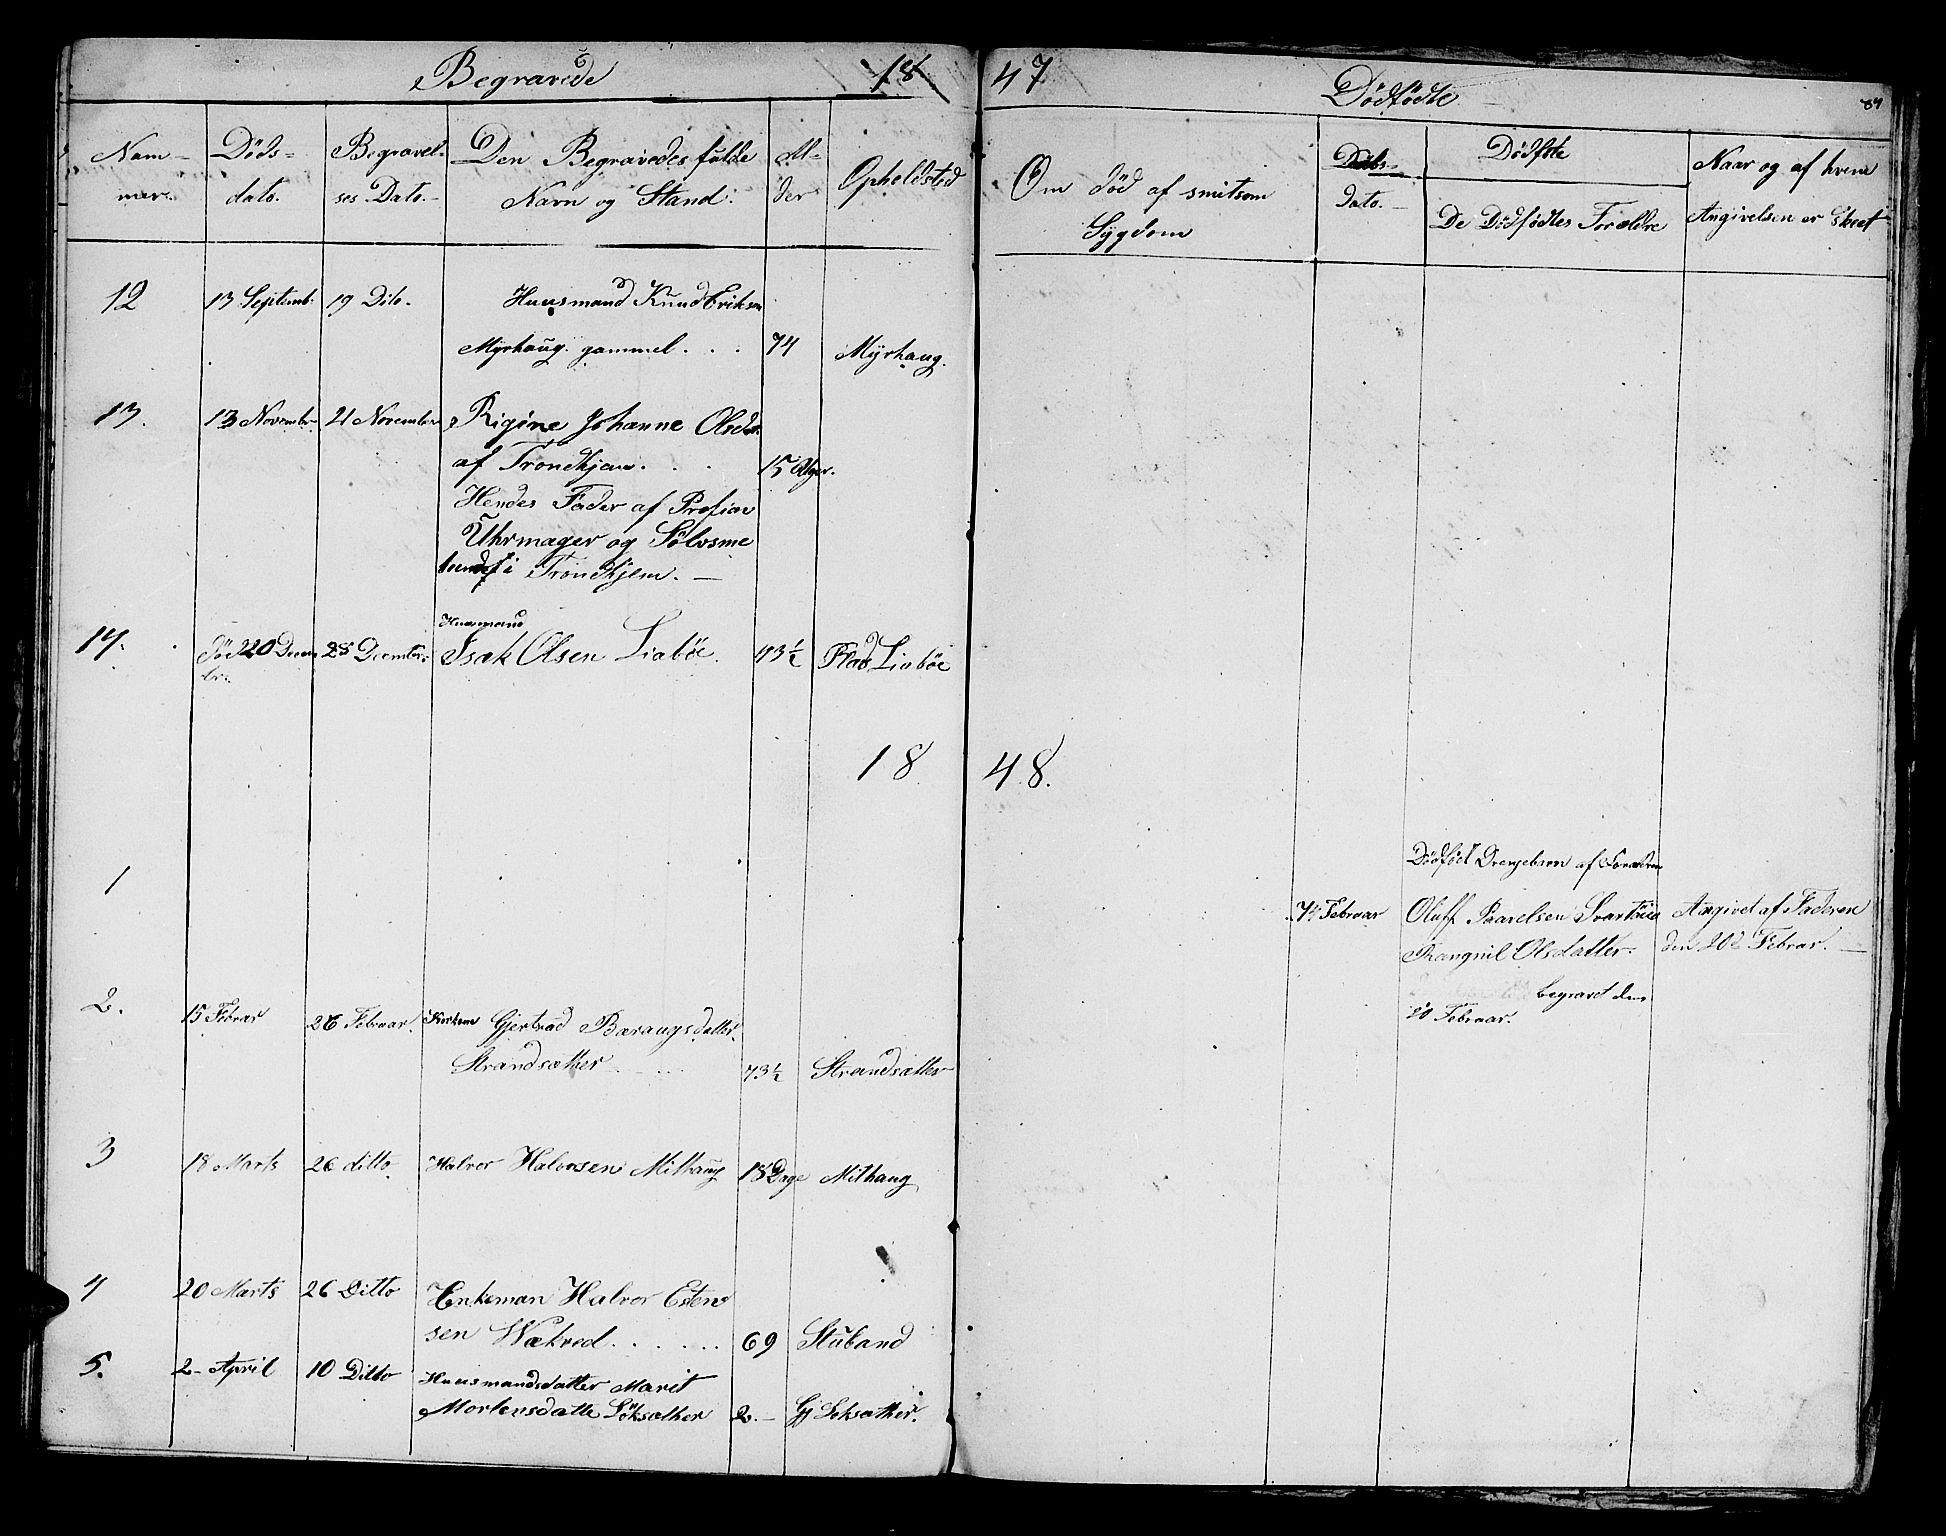 SAT, Ministerialprotokoller, klokkerbøker og fødselsregistre - Sør-Trøndelag, 679/L0922: Klokkerbok nr. 679C02, 1845-1851, s. 84